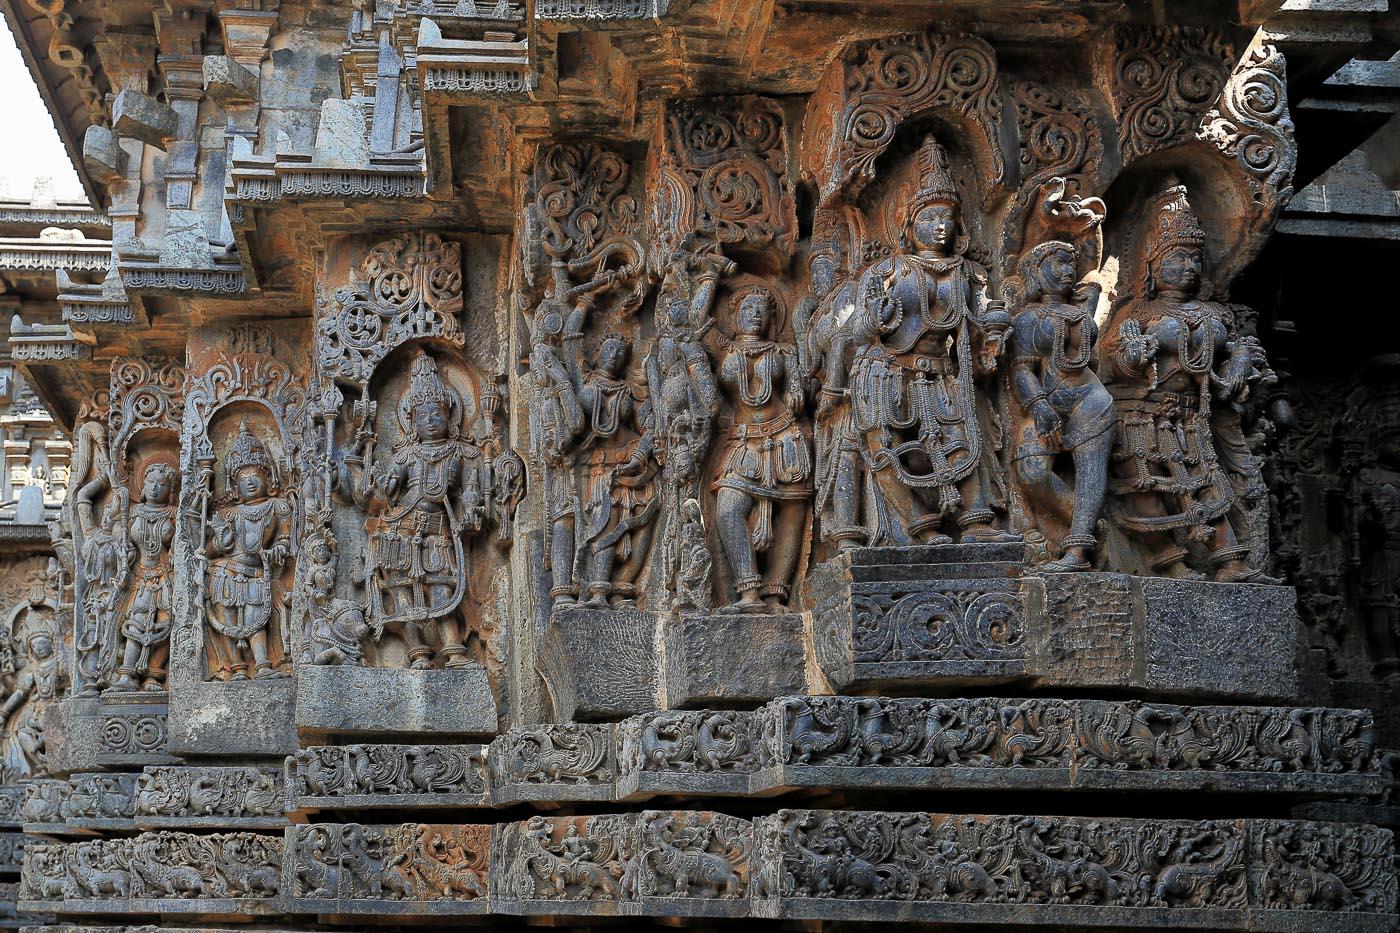 Фото №6. Храм Хойсалешвара в Халебиде, барельефы. Отзывы о поездке по интересным местам Карнатаки в Индии. 1/30, -1 eV, f 6.3, 31 mm, ISO 200